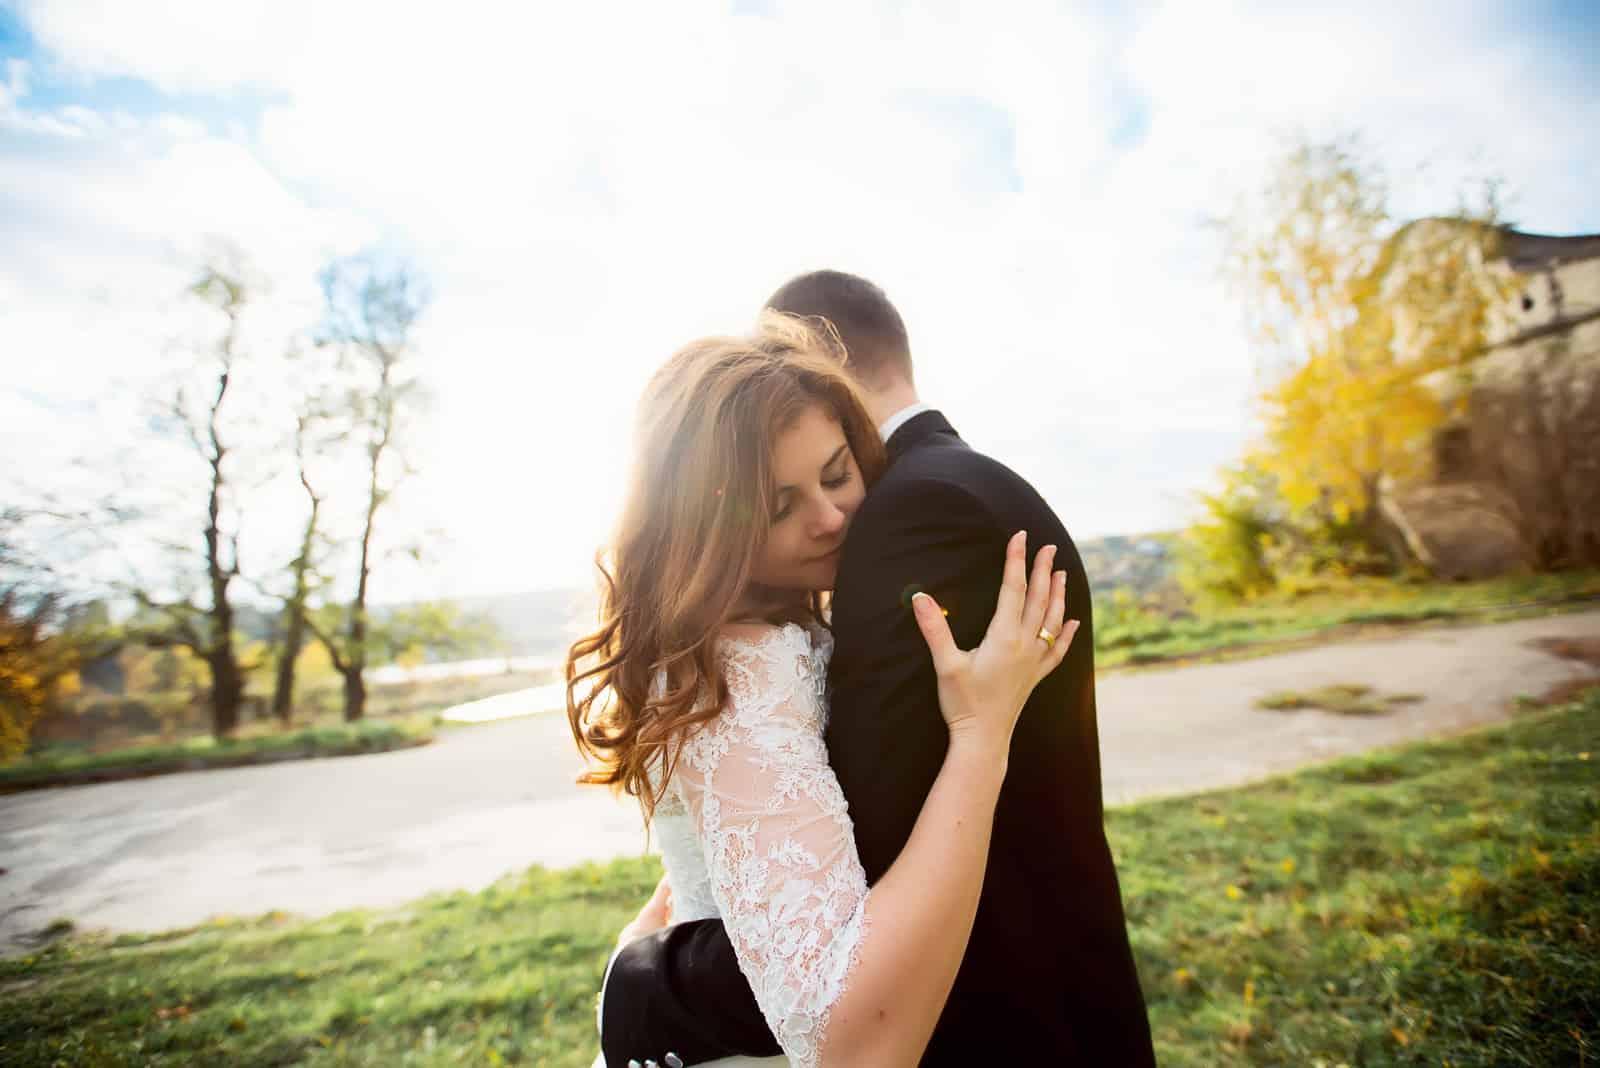 Romantisches Brautpaar umarmt sich